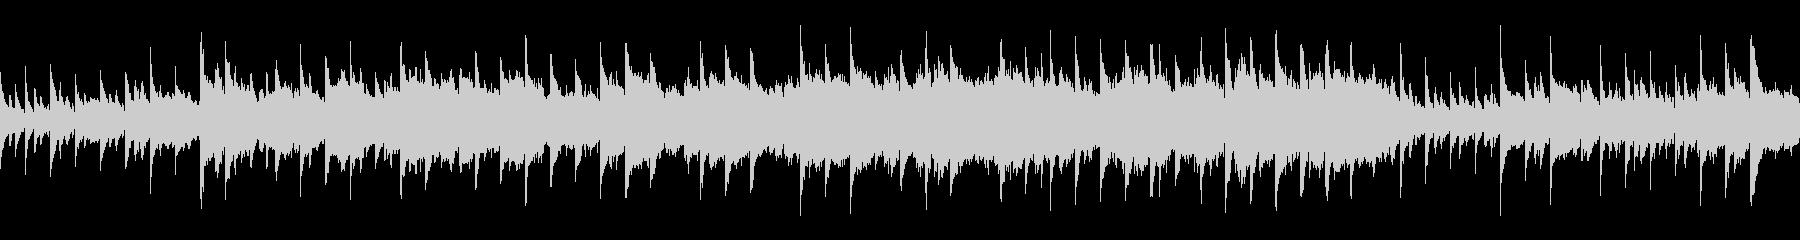 幻想的でもの悲しげな曲 (ループ仕様)の未再生の波形